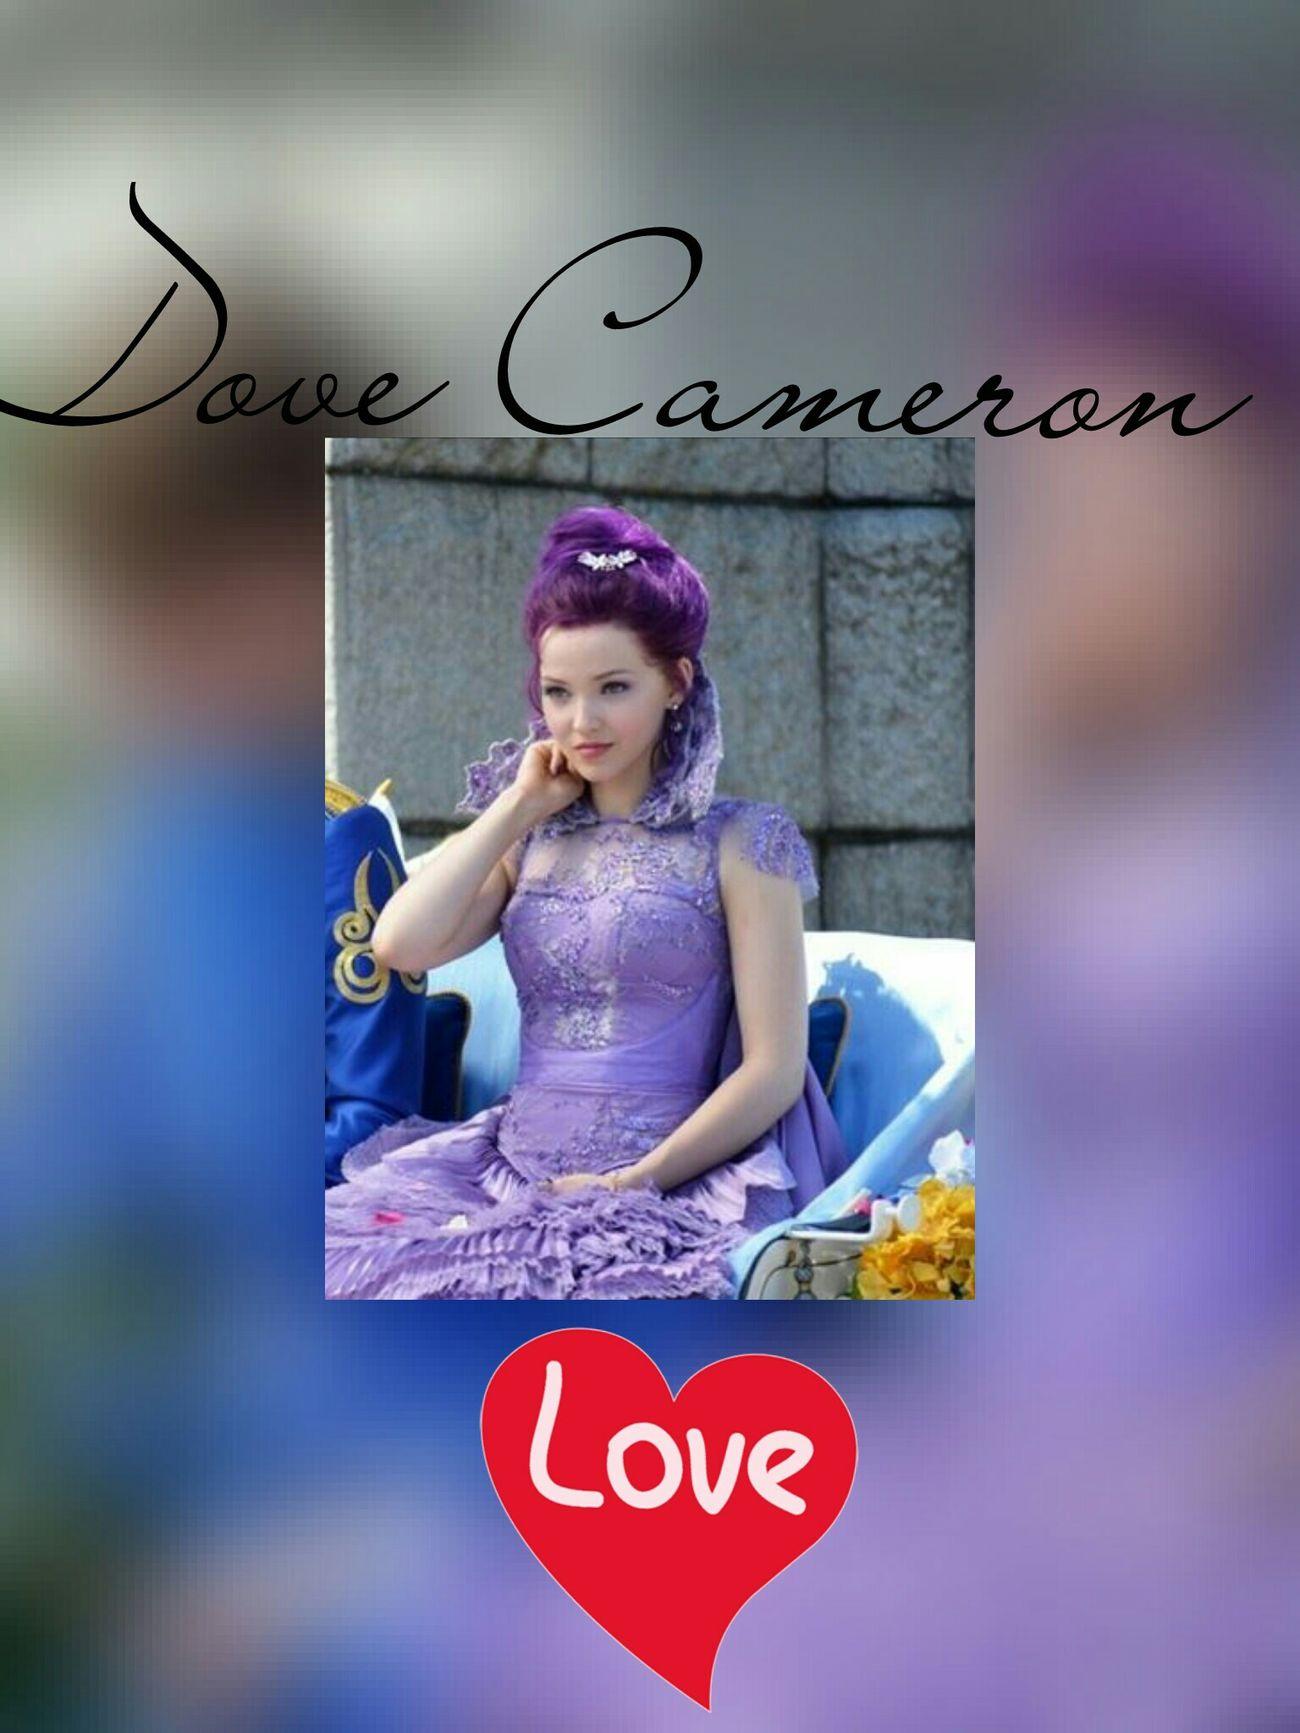 😱😱 DoveCameron